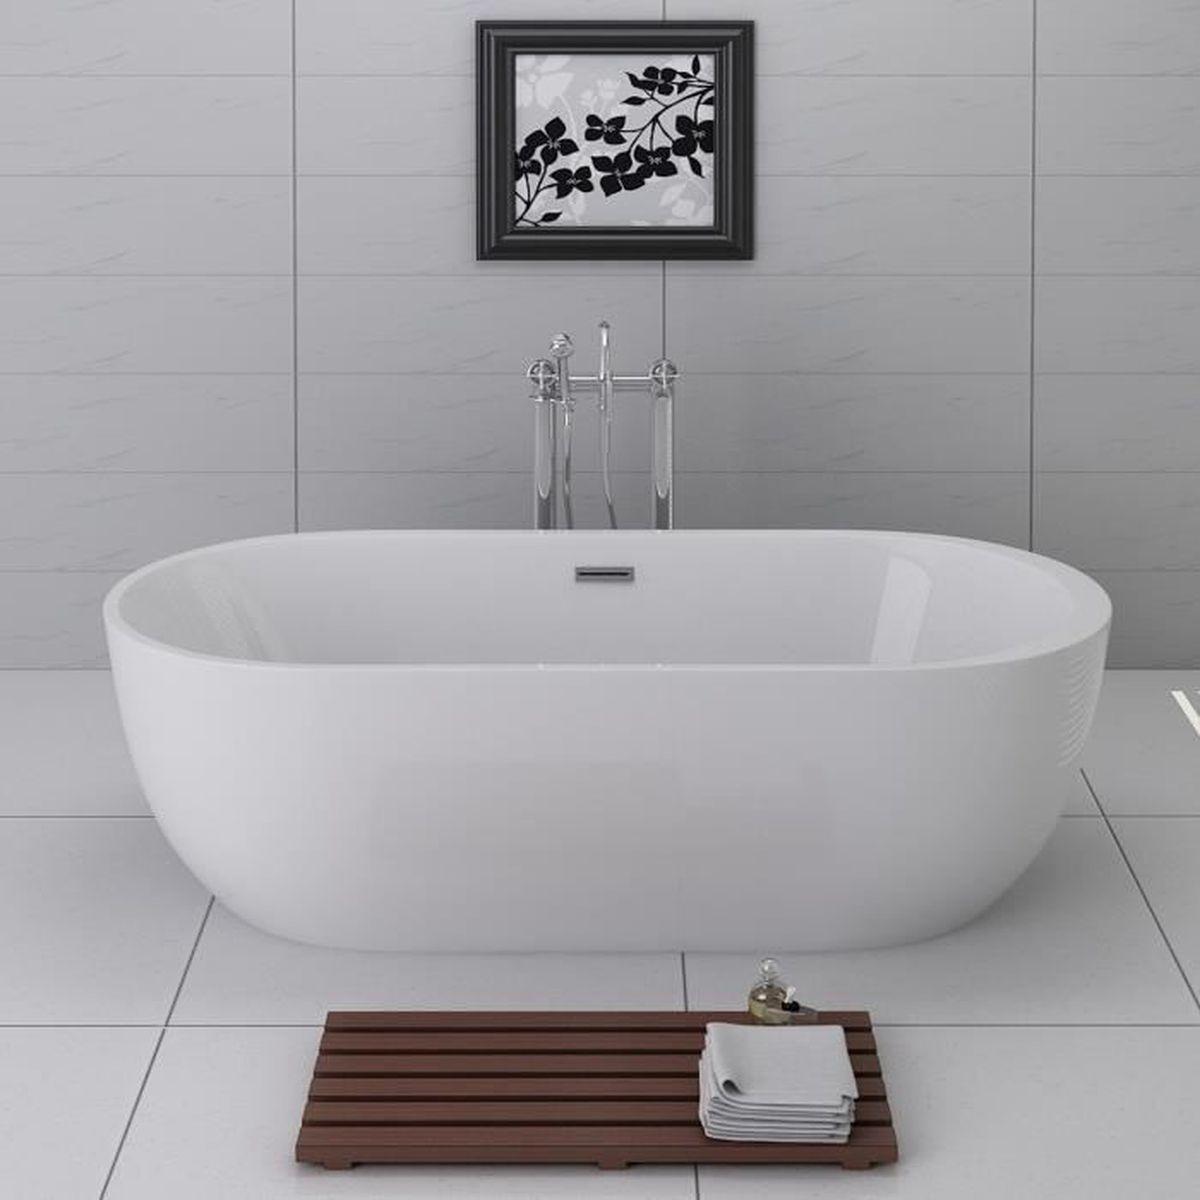 Baignoire ilôt monobloc ASPEN - 20 cm Design moderne et confort